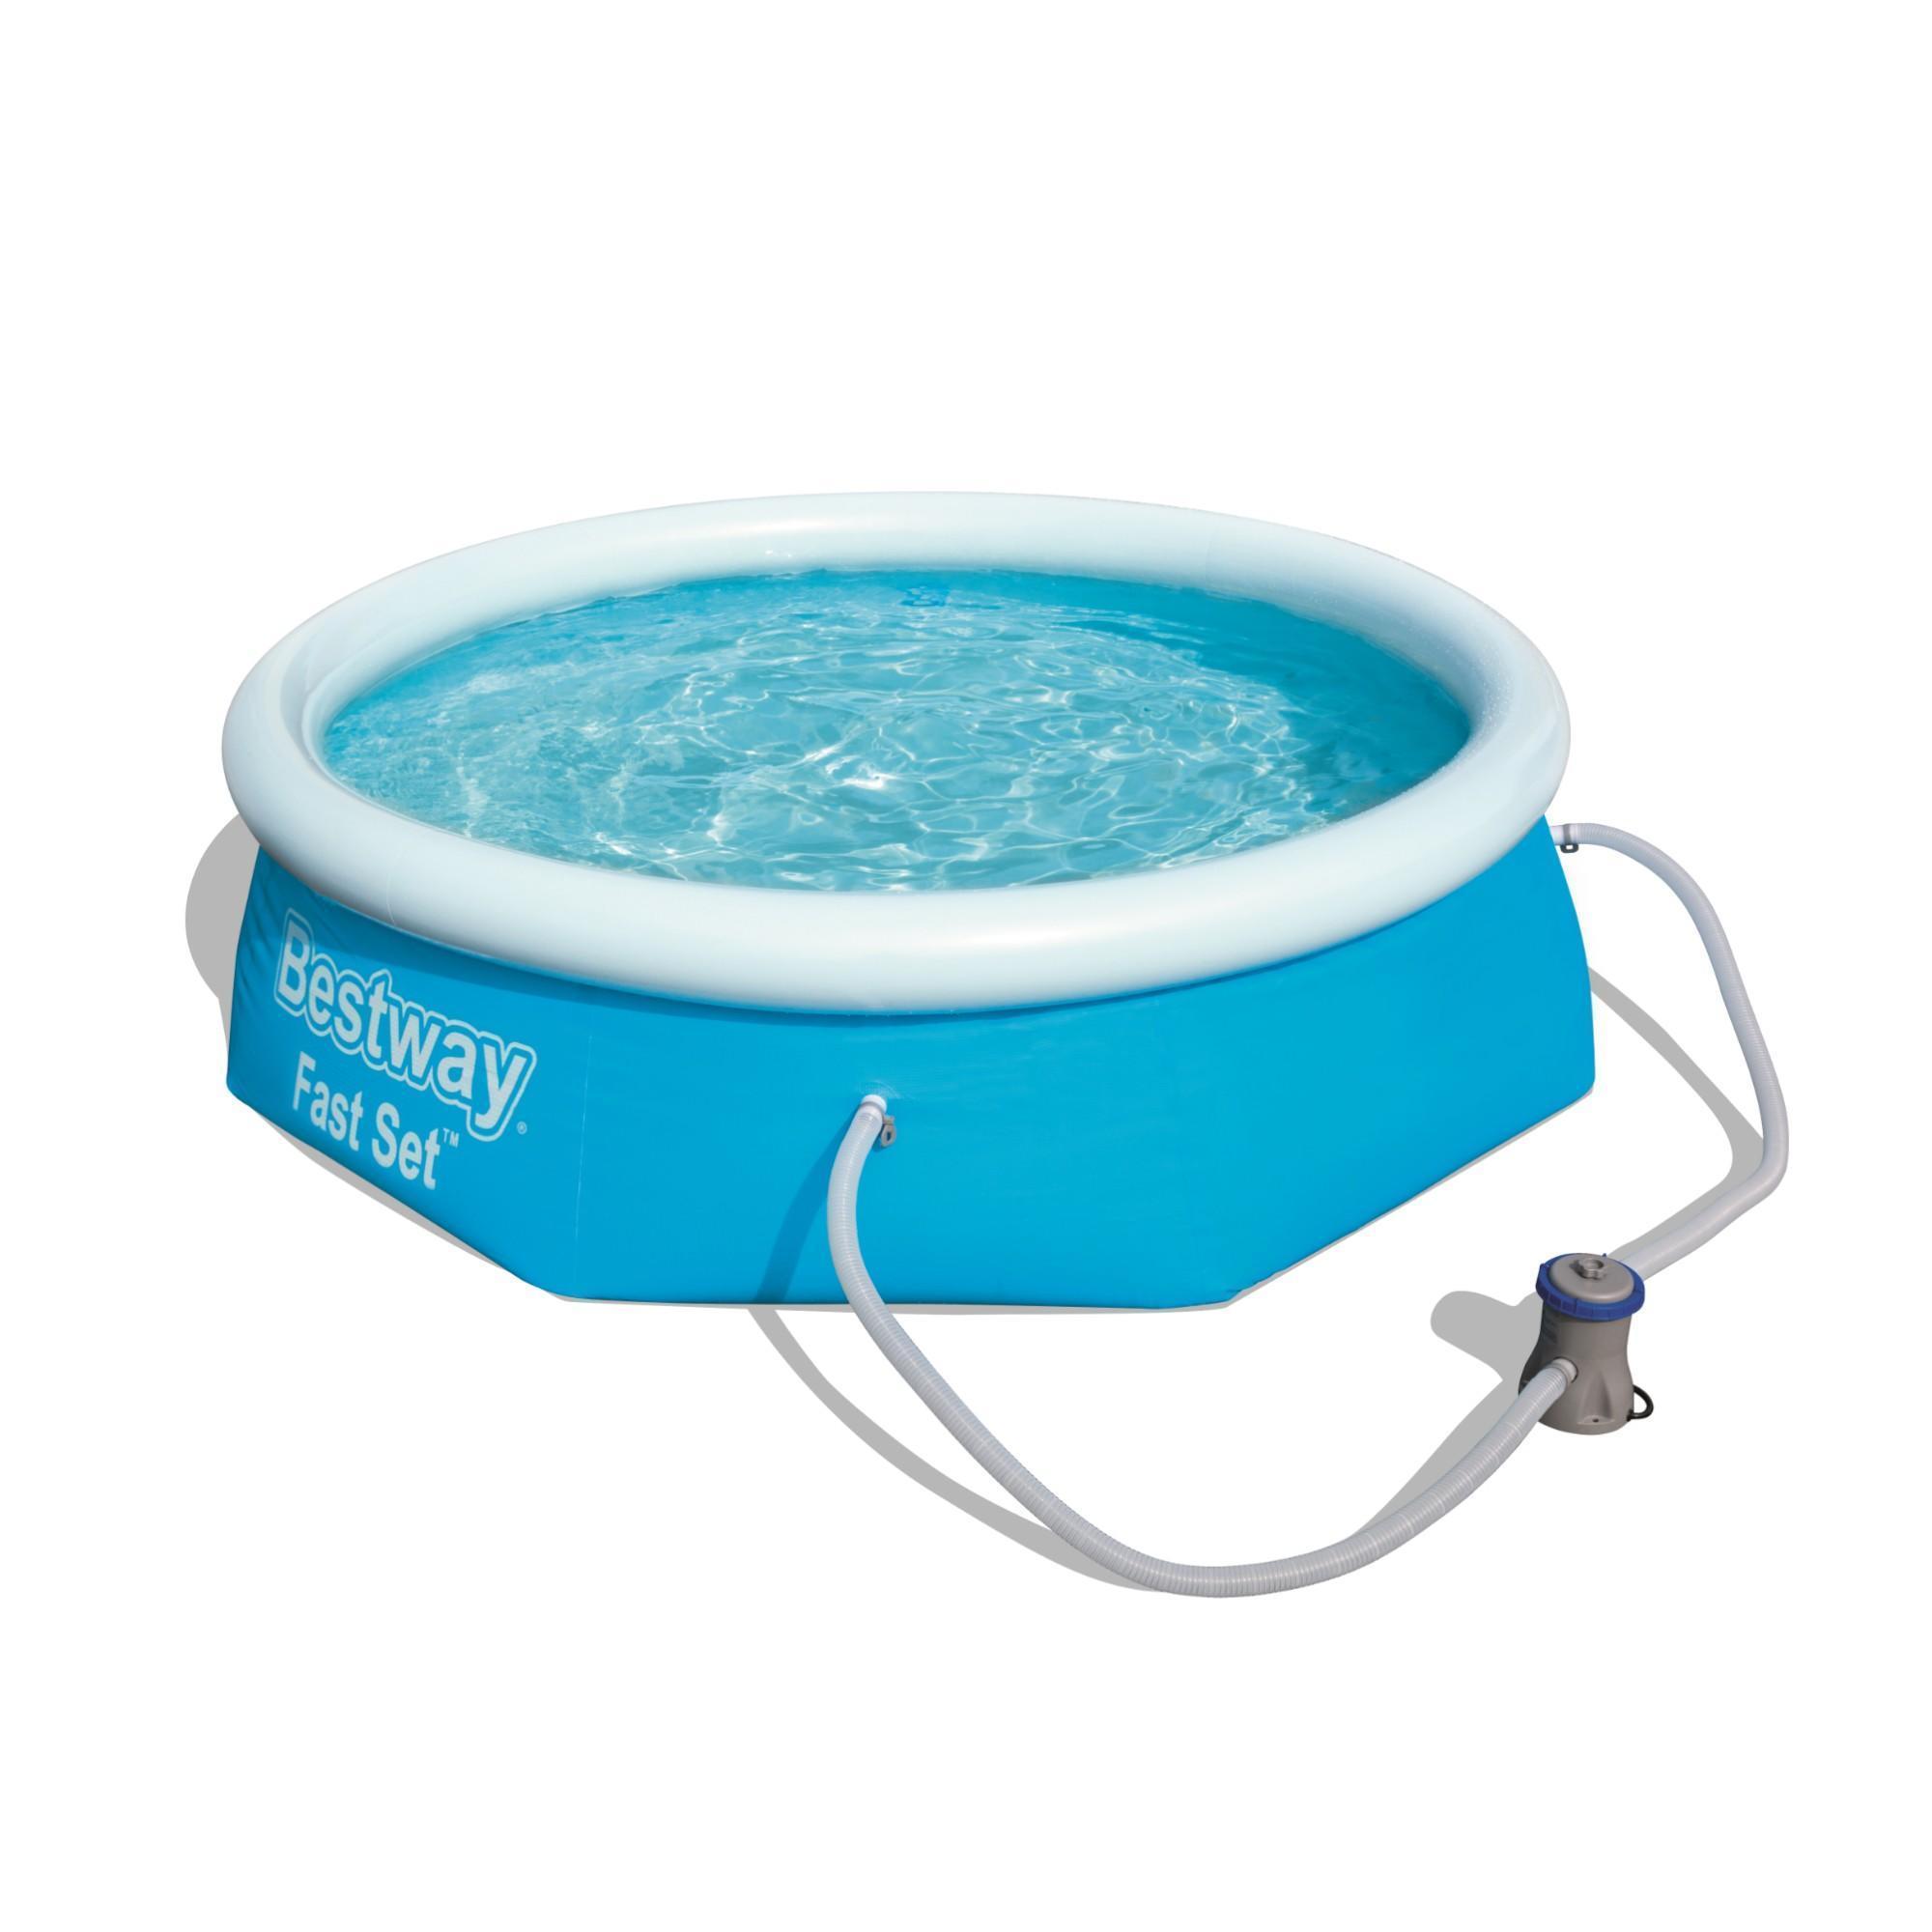 Piscinas bestway catalogo precios piscina hinchable for Piscinas bestway catalogo precios